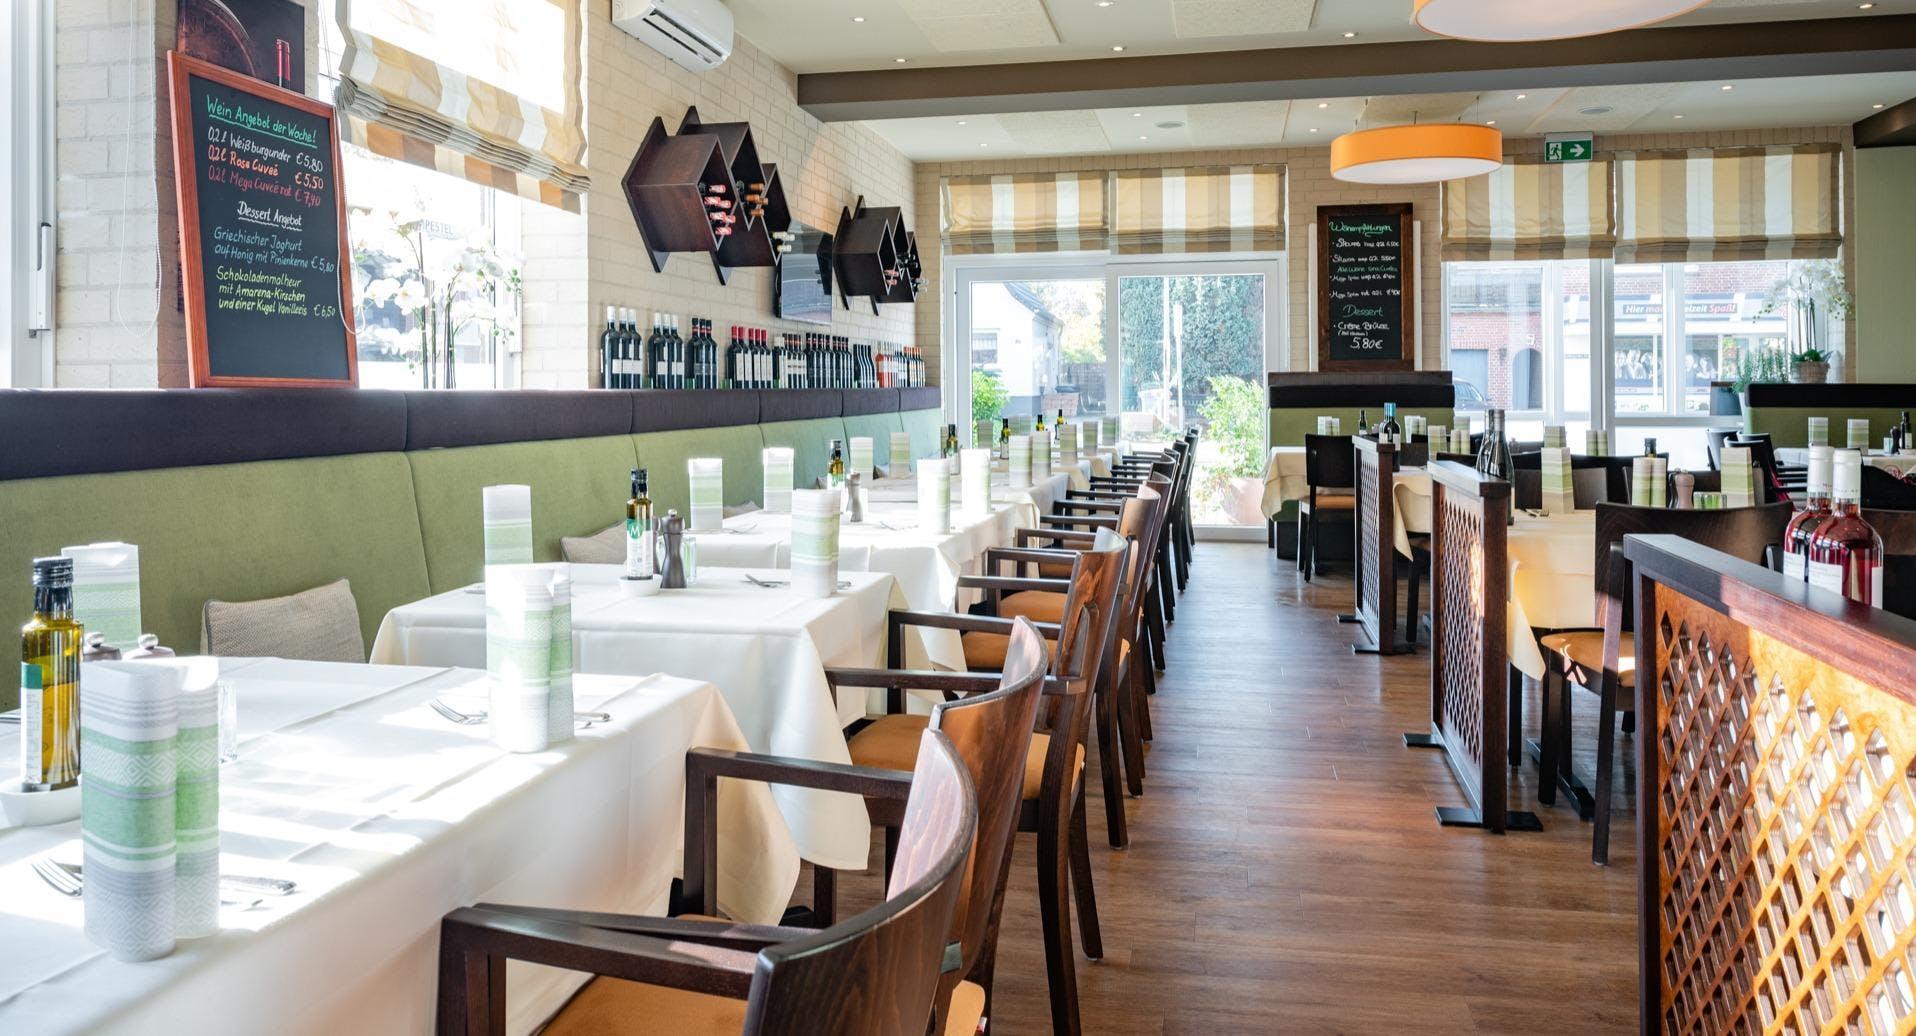 Restaurant Lukullion Henstedt-Ulzburg image 3